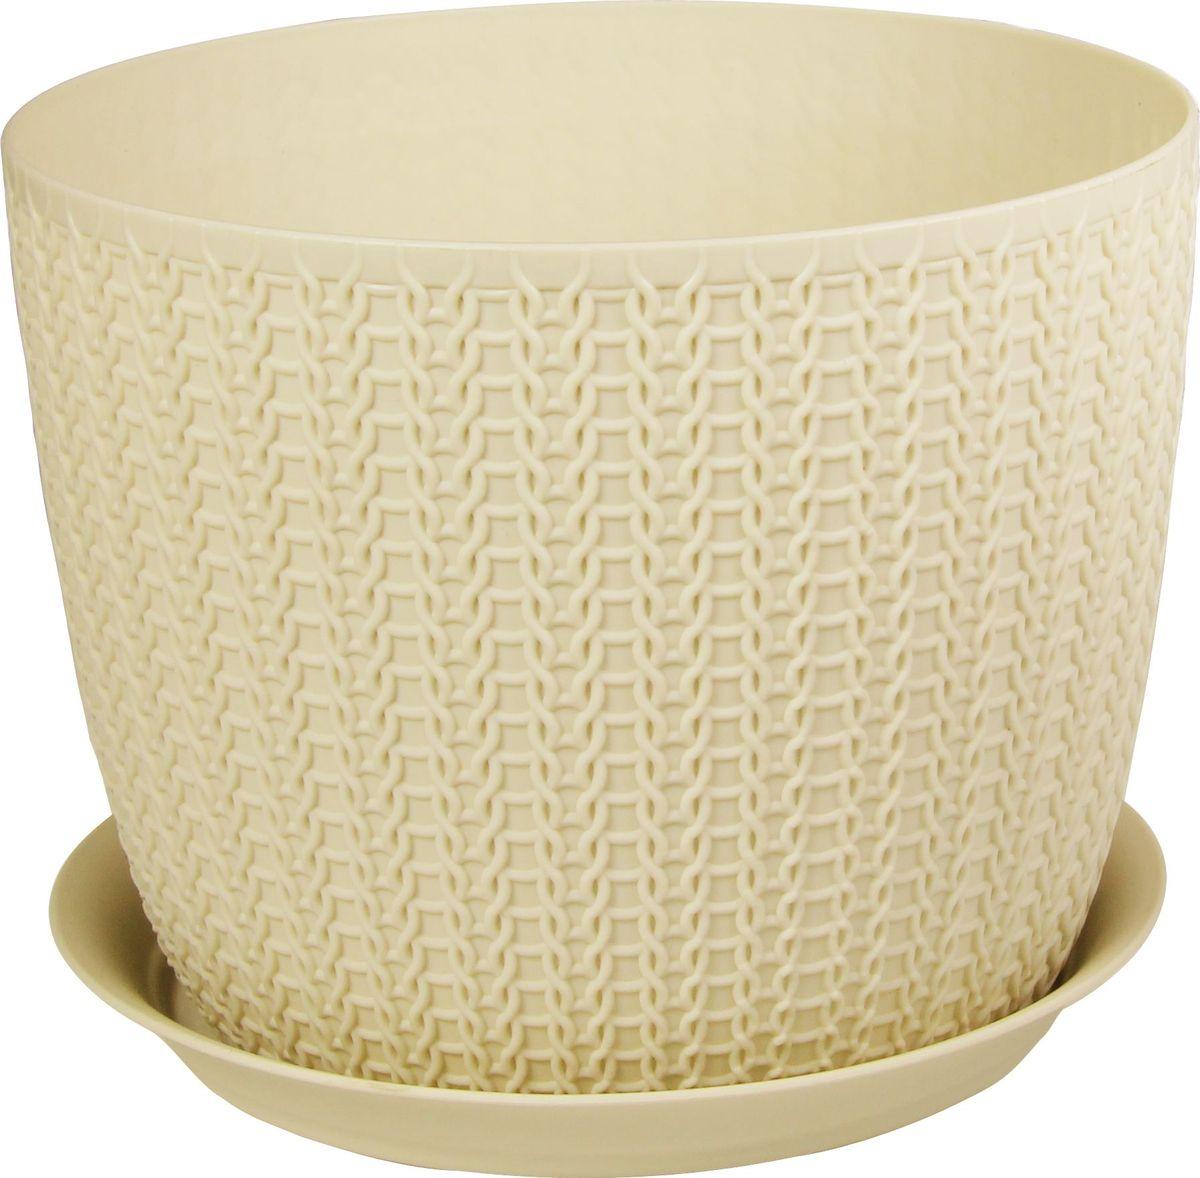 Кашпо Idea Вязание, с поддоном, цвет: белый ротанг, диаметр 18 см200-1-bl-seКашпо Idea Вязание изготовлено из полипропилена (пластика). Специальная подставка предназначена для стока воды. Изделие прекрасно подходит для выращивания растений и цветов в домашних условиях.Диаметр кашпо: 18 см. Высота кашпо: 14 см. Объем кашпо: 2,8 л.